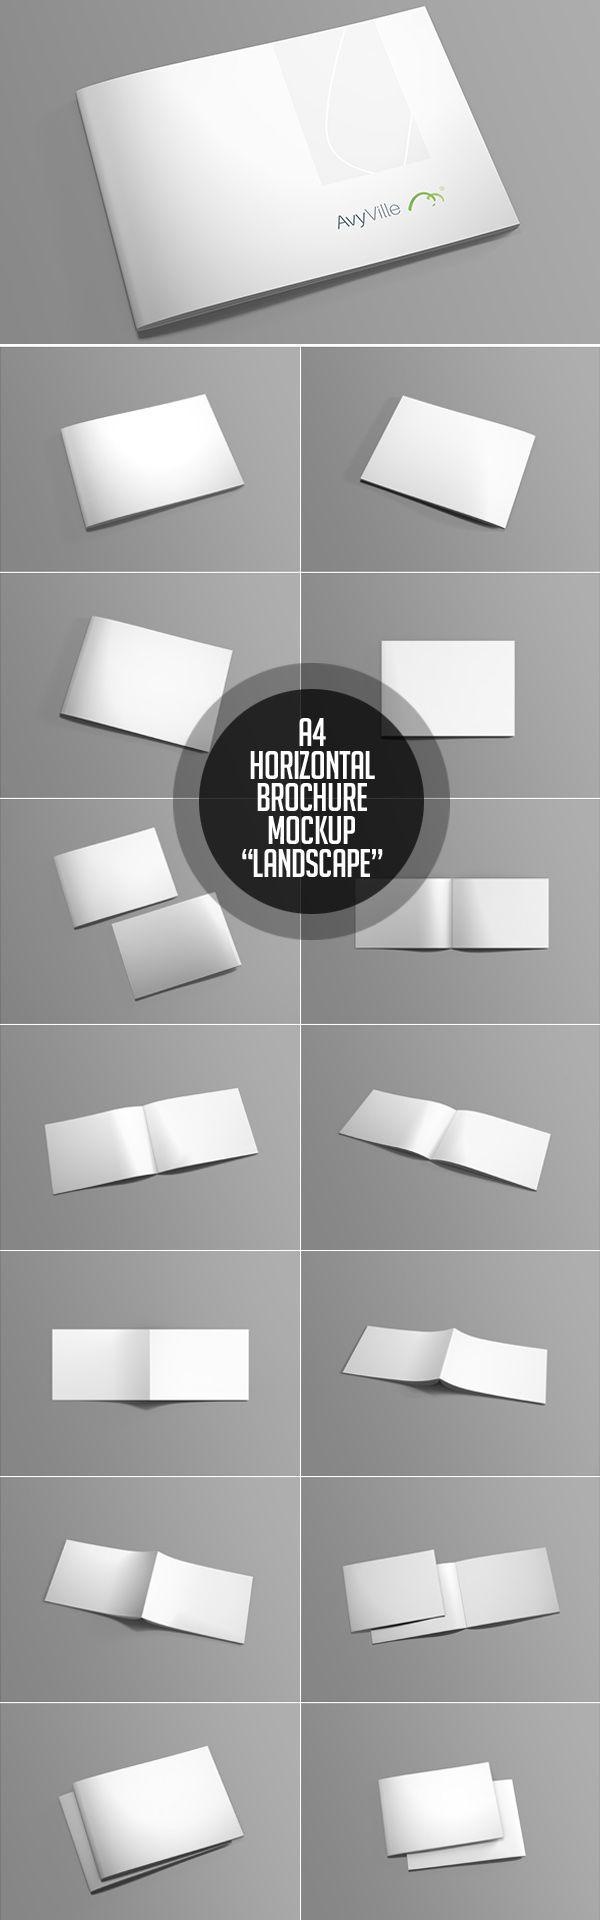 Free Landscape Brochure Psd Mockup  Design  Graphic